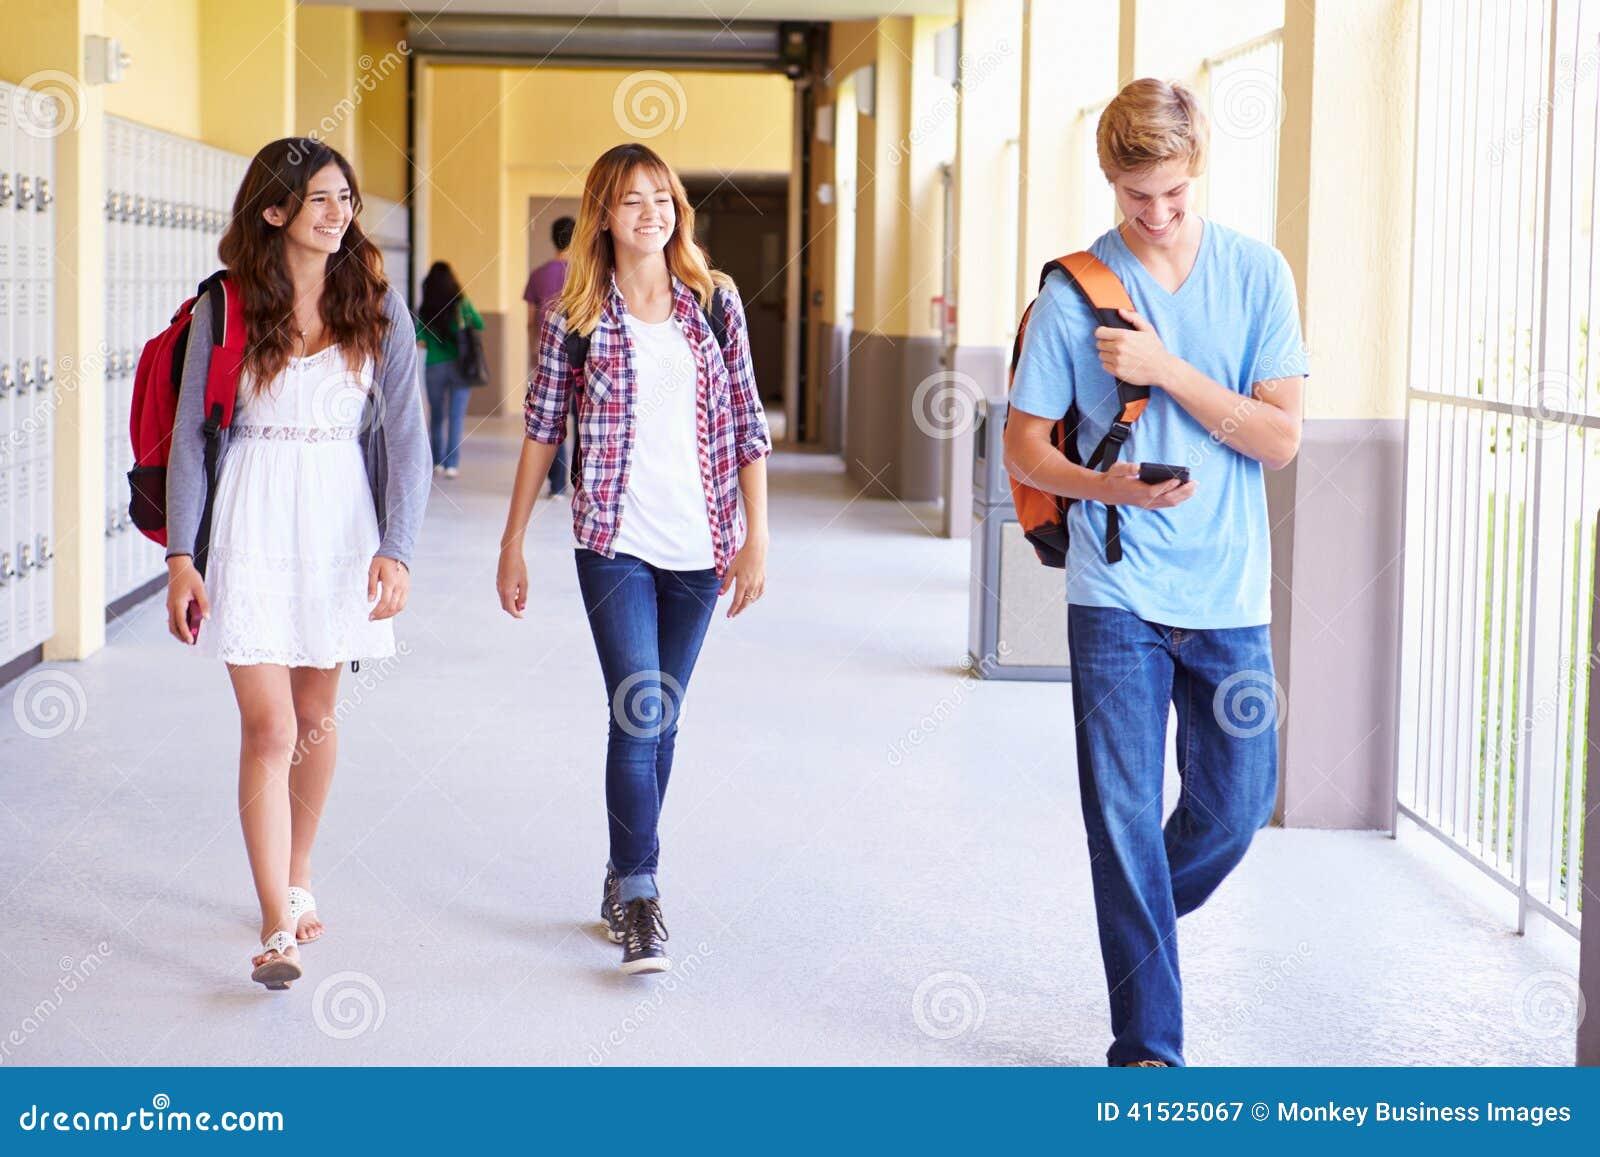 Estudantes da High School que andam no corredor usando o telefone celular